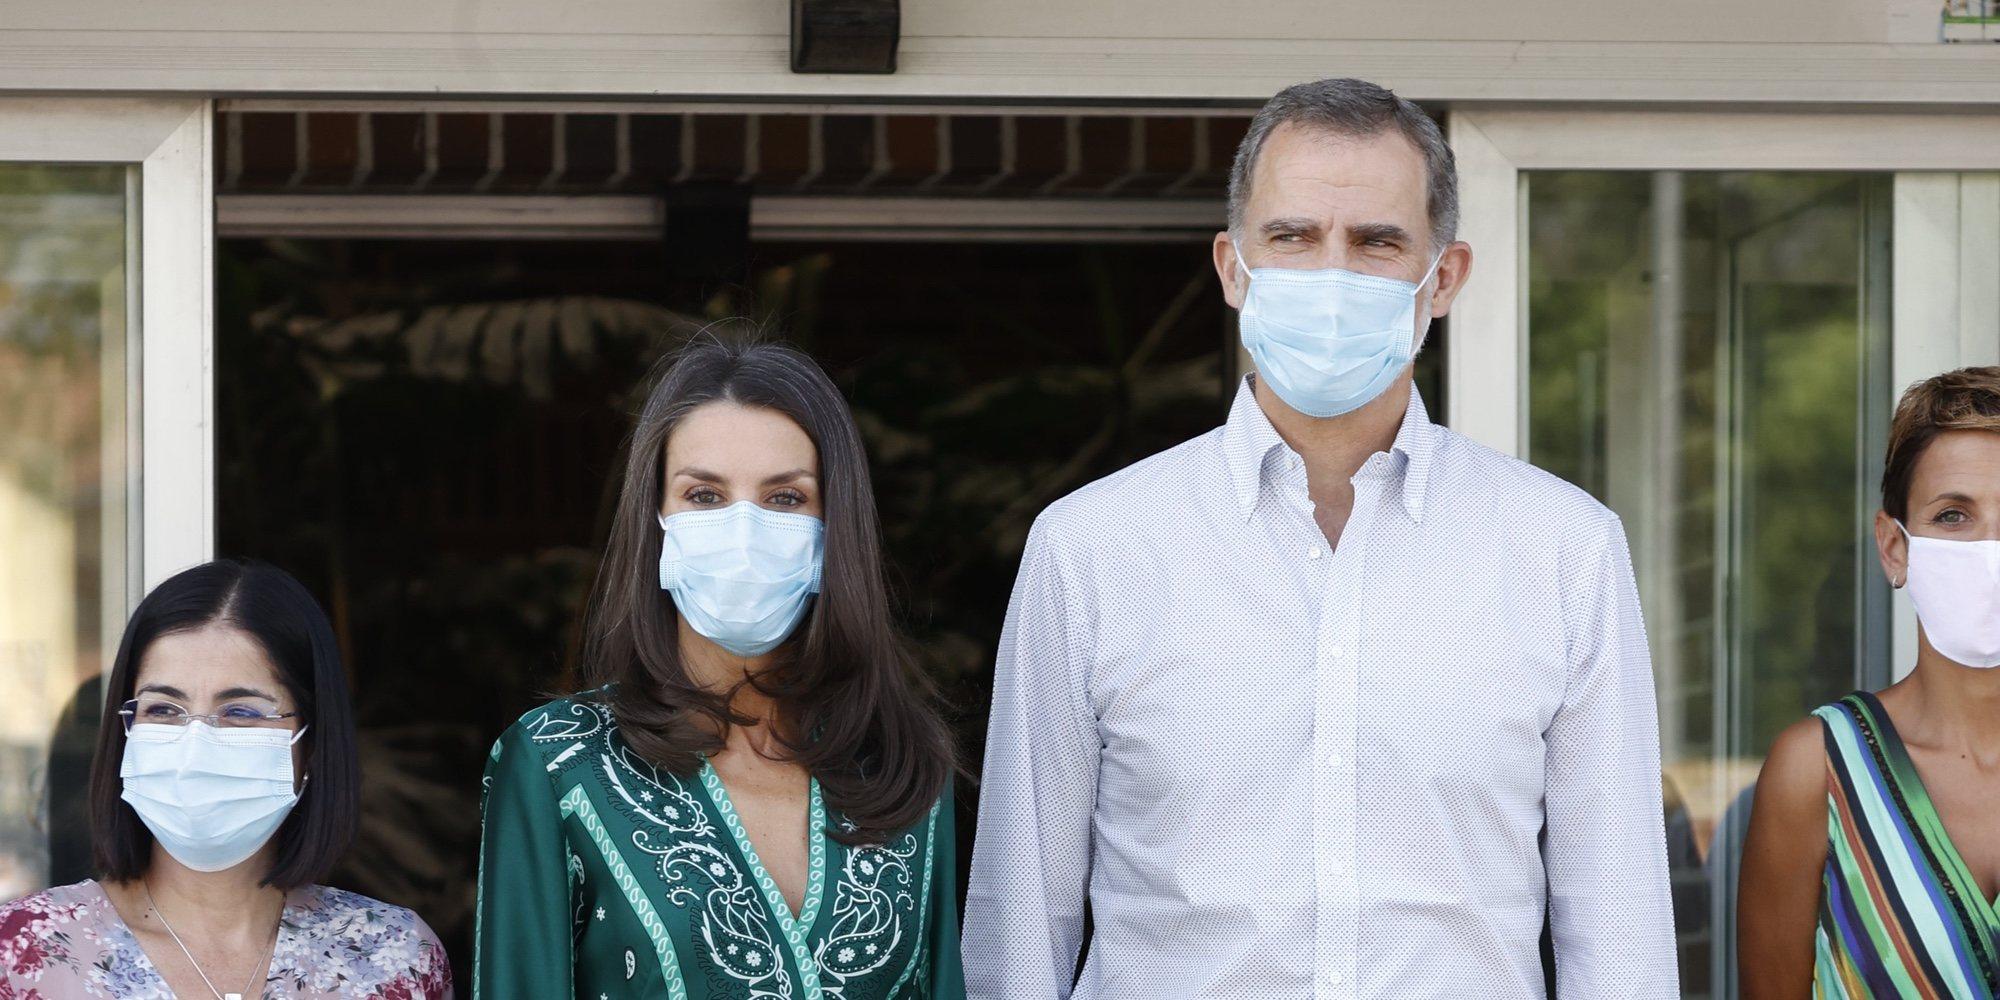 La incómoda visita de los Reyes Felipe y Letizia a Navarra en su tour por España tras la crisis del coronavirus